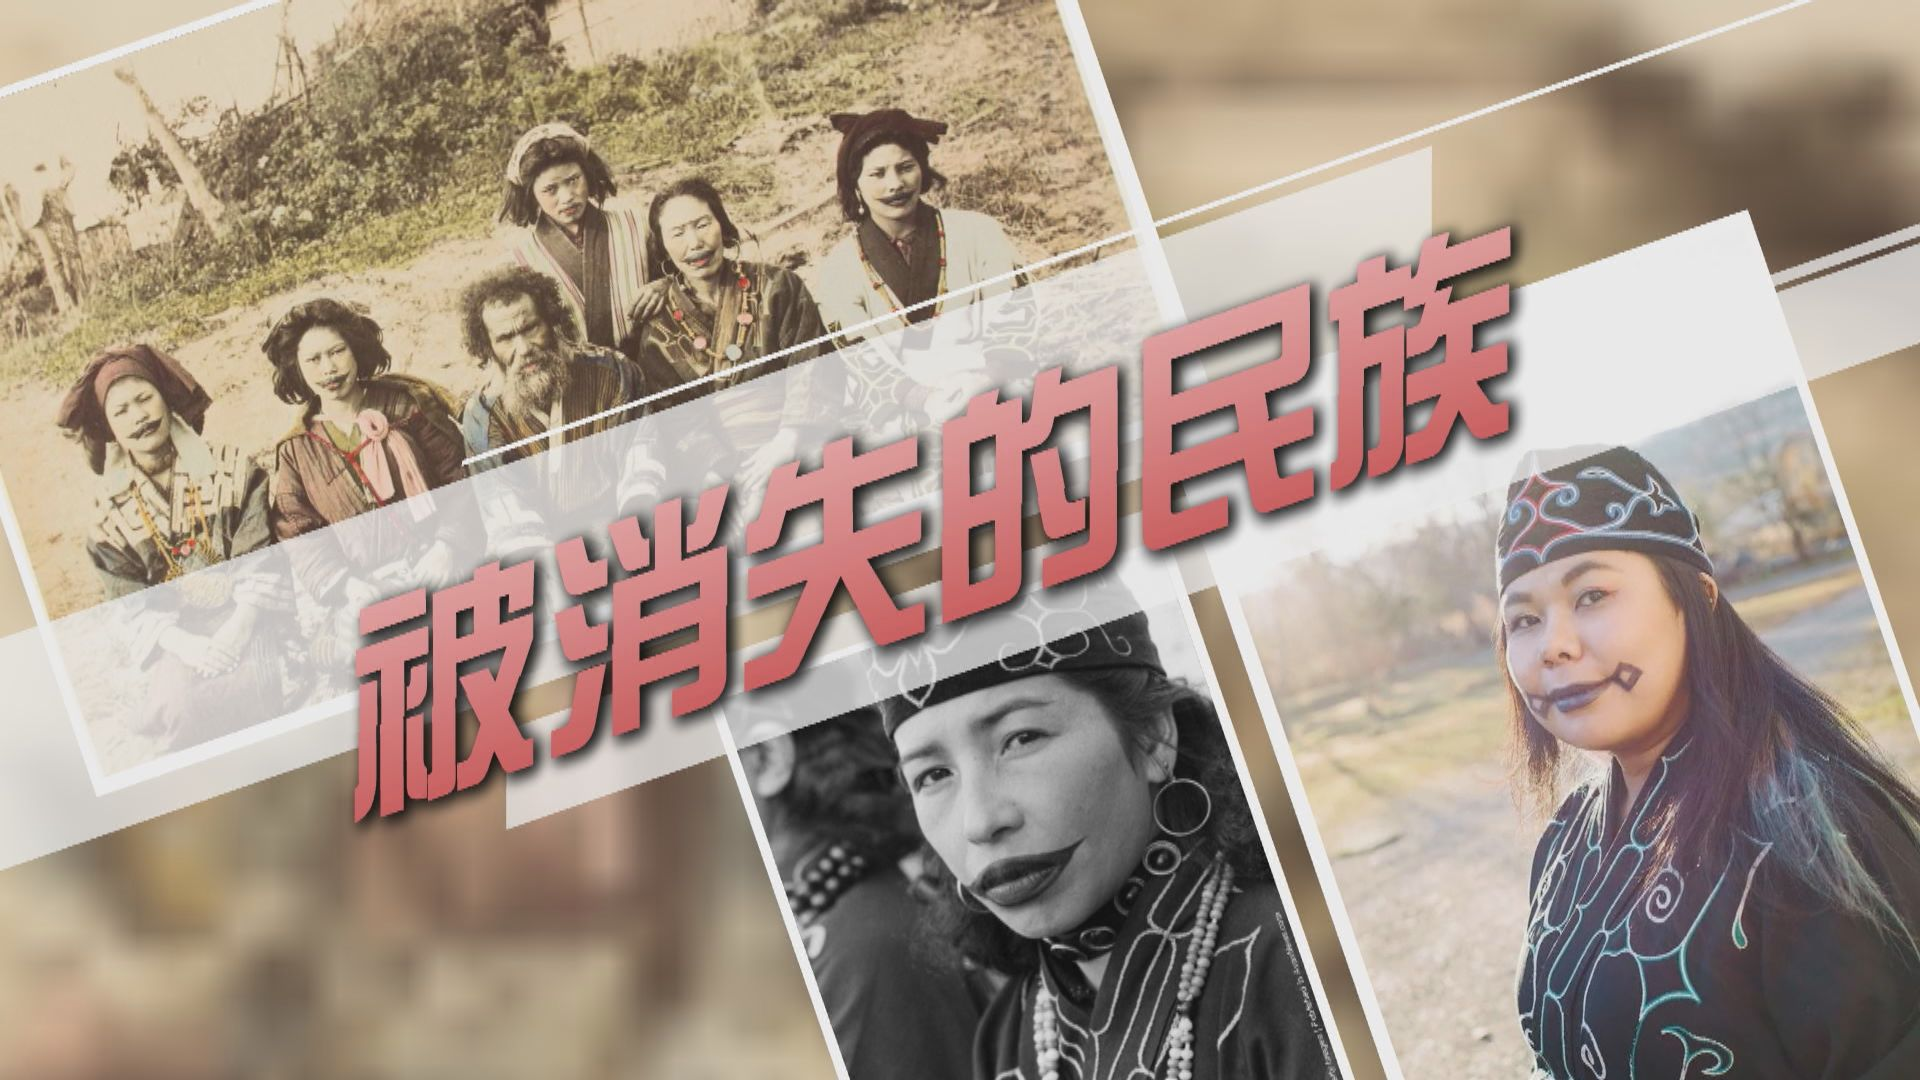 【新聞智庫】被消失的民族——阿伊努族